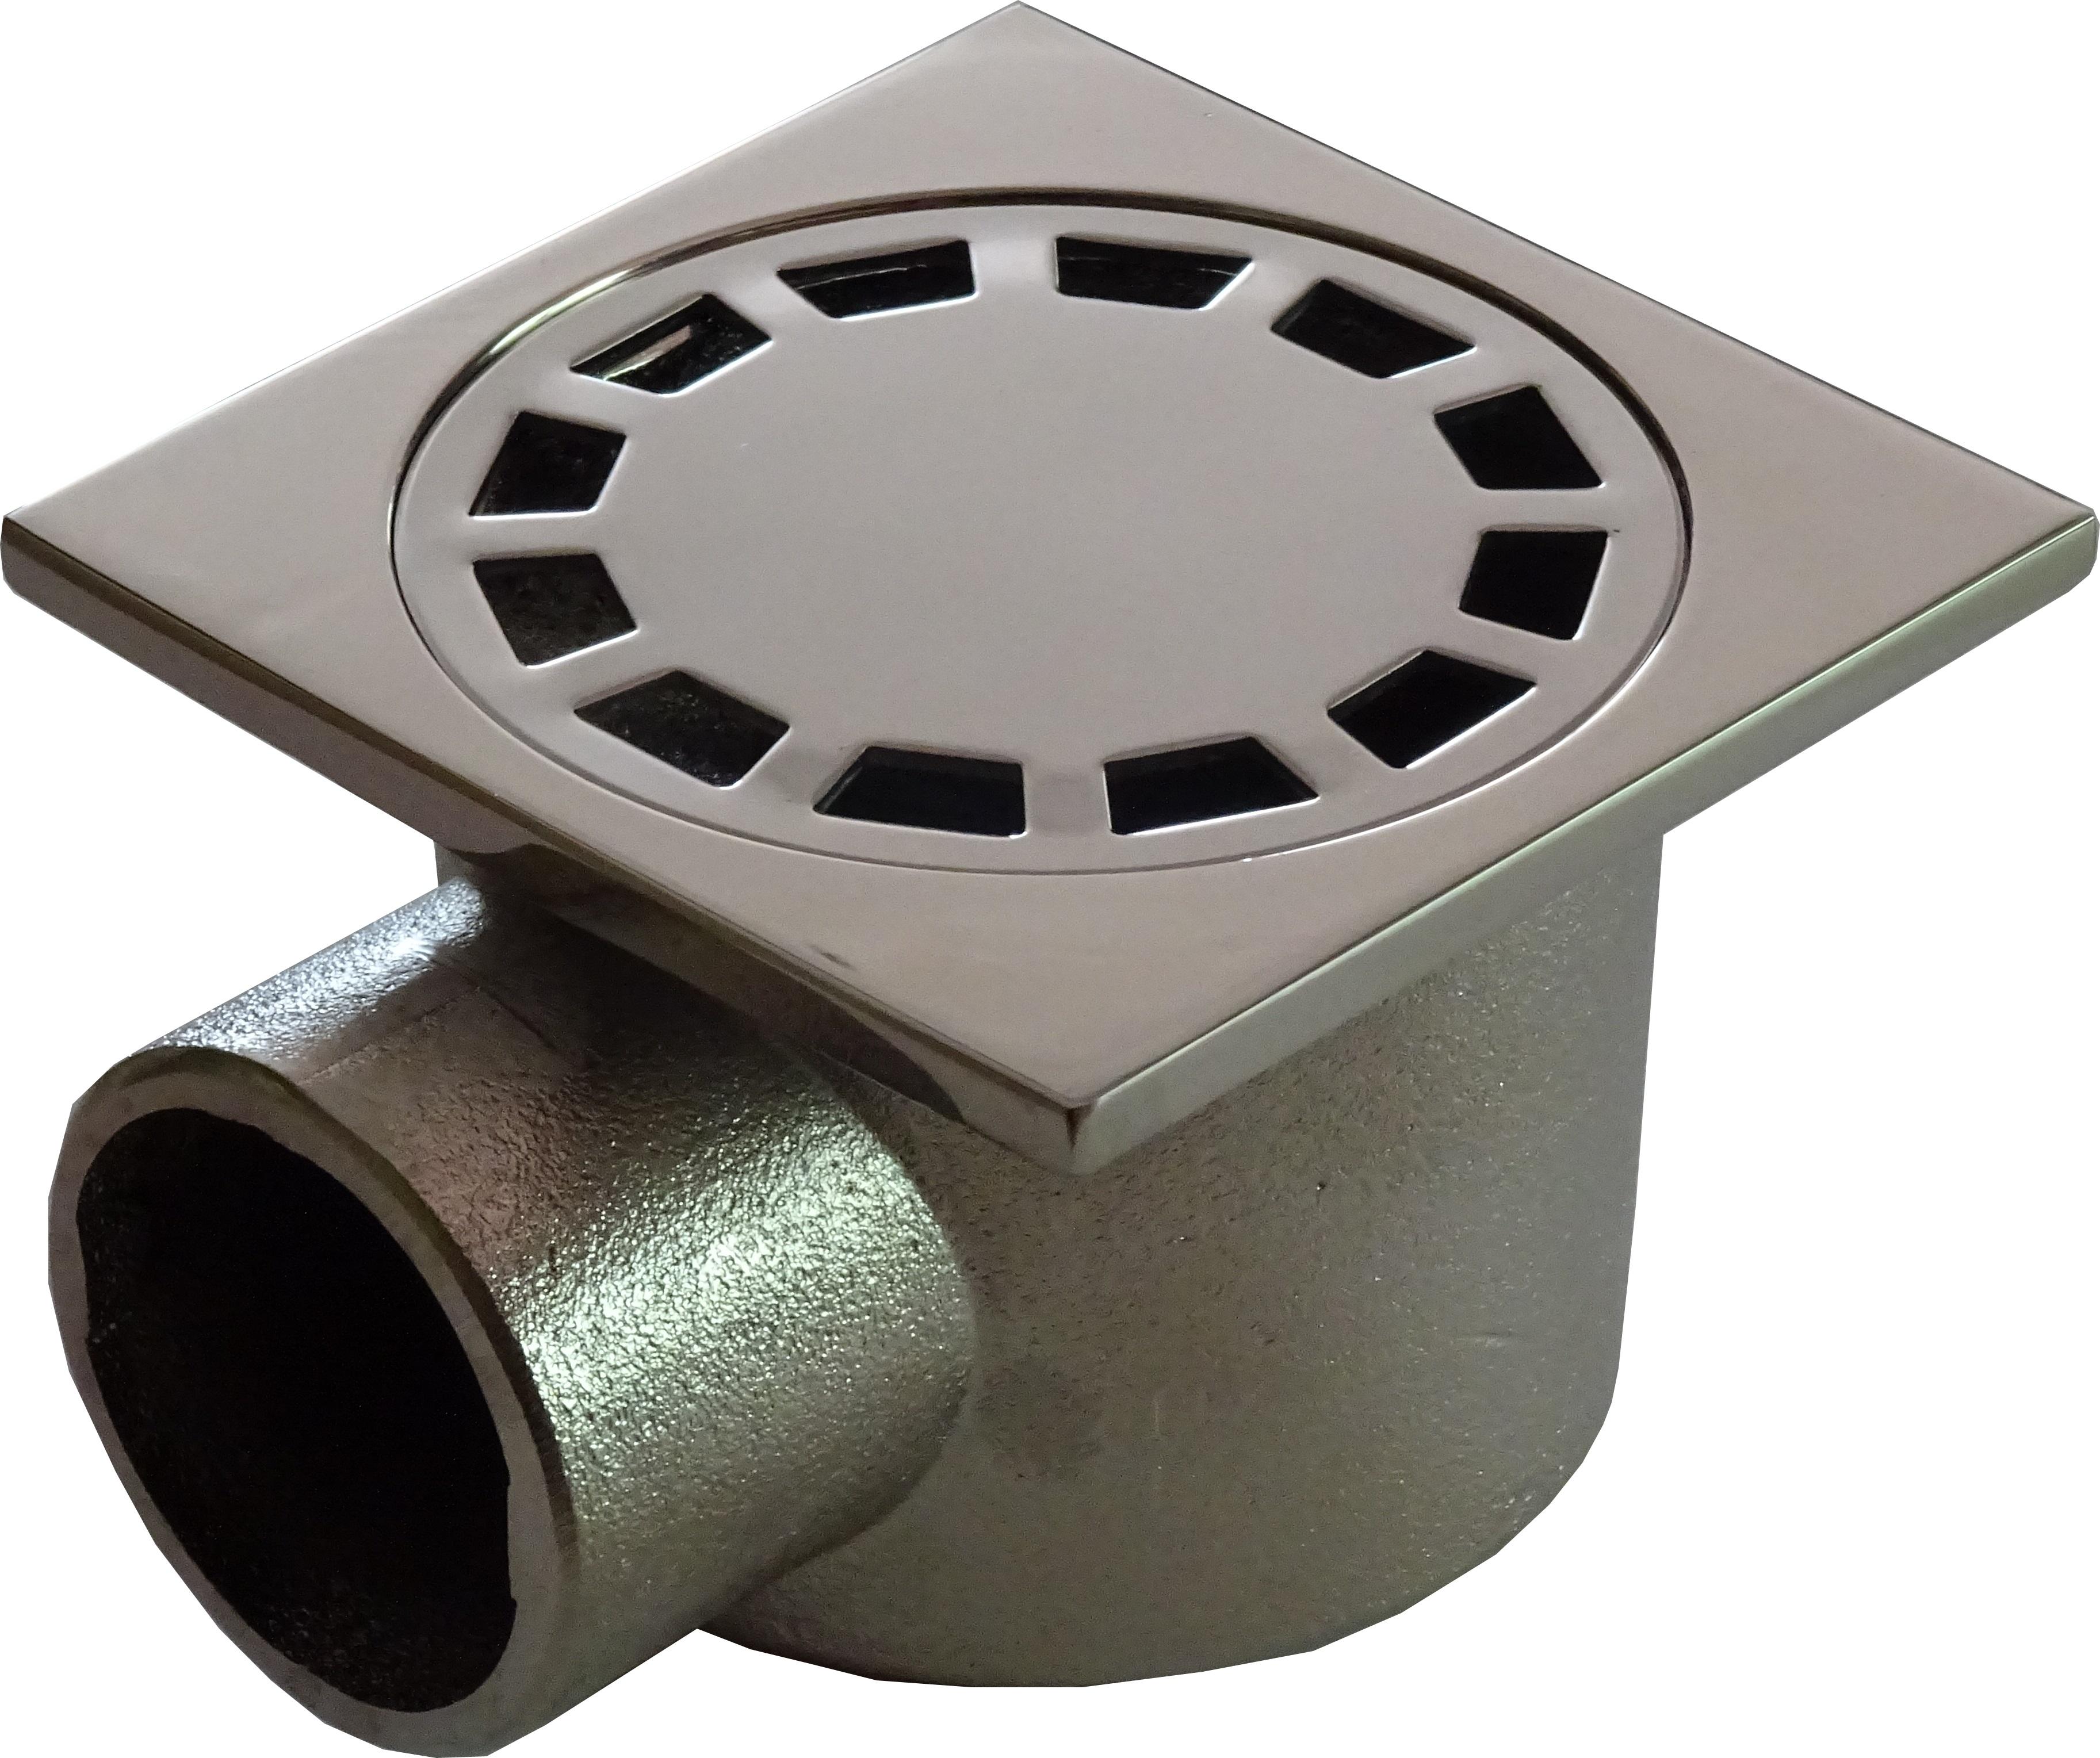 Подов сифон за баня със странично оттичане МЕСИНГ, рогов 100x100 мм Танушев България